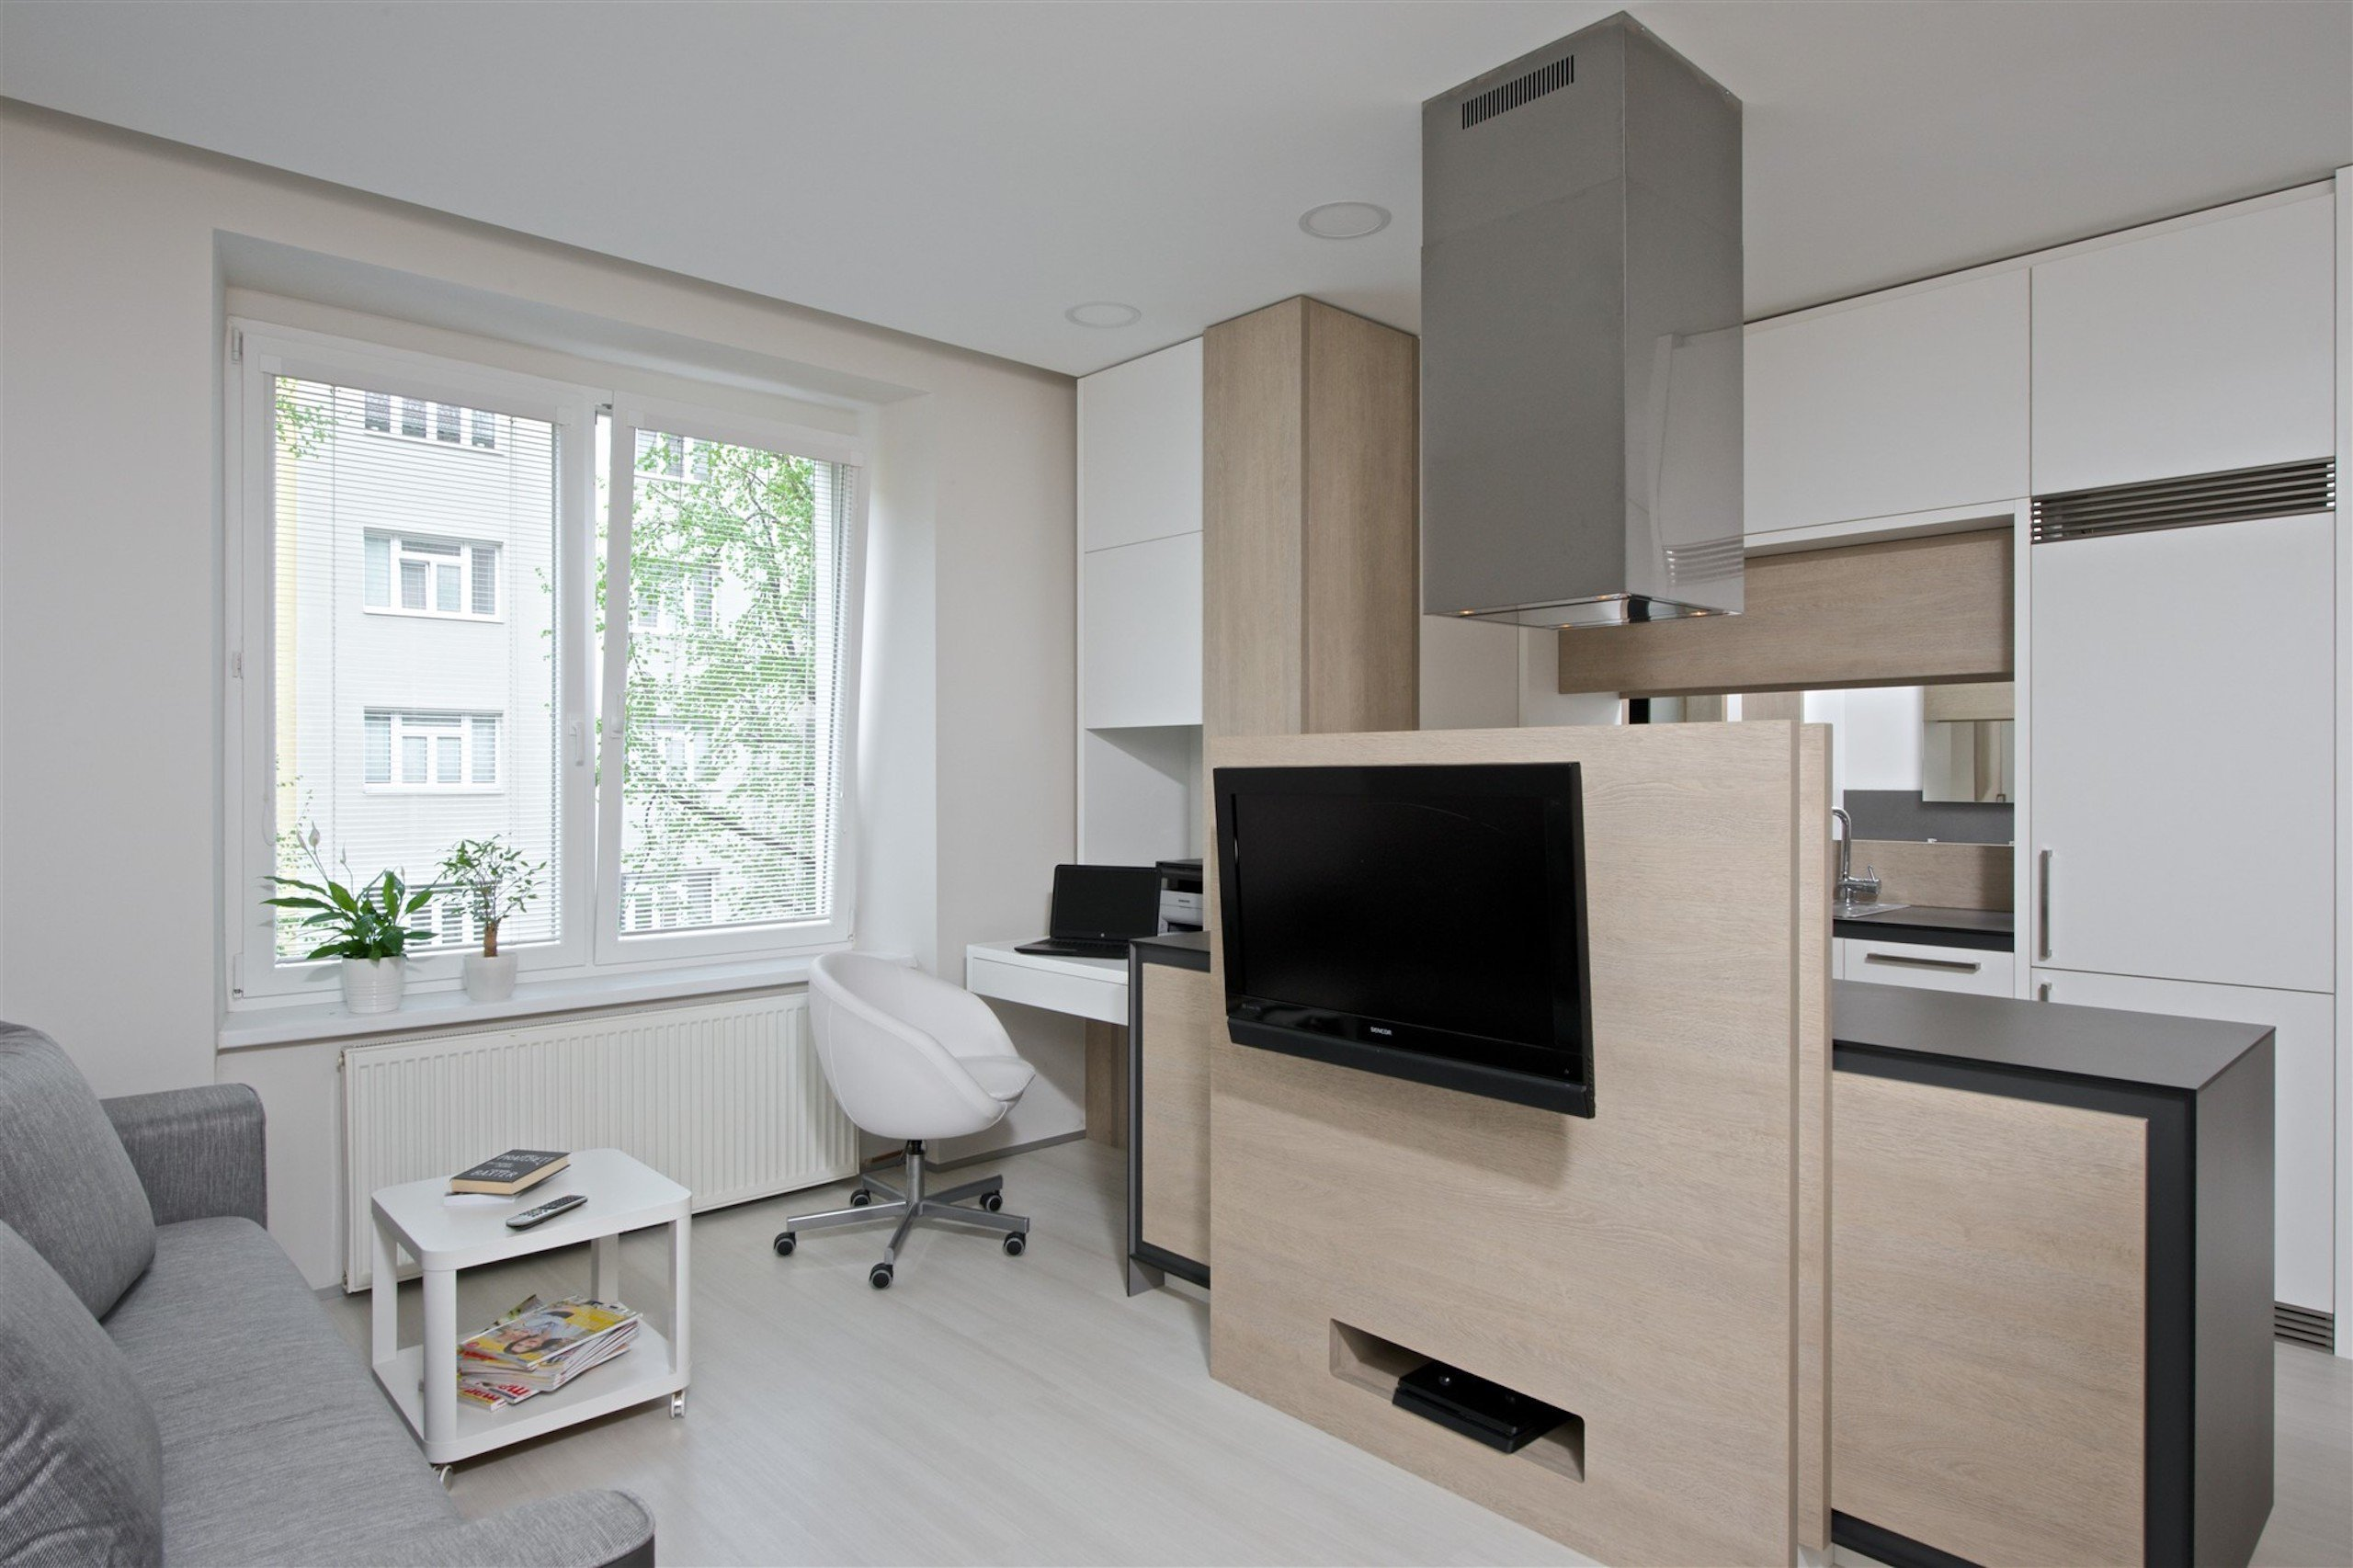 Mladý pár si koupil svůj první byt, a to vpěkné rezidenční čtvrti vblízkosti centra Brna. Jednalo se ojednotku sdispozicí 2+kk v&nbsp…